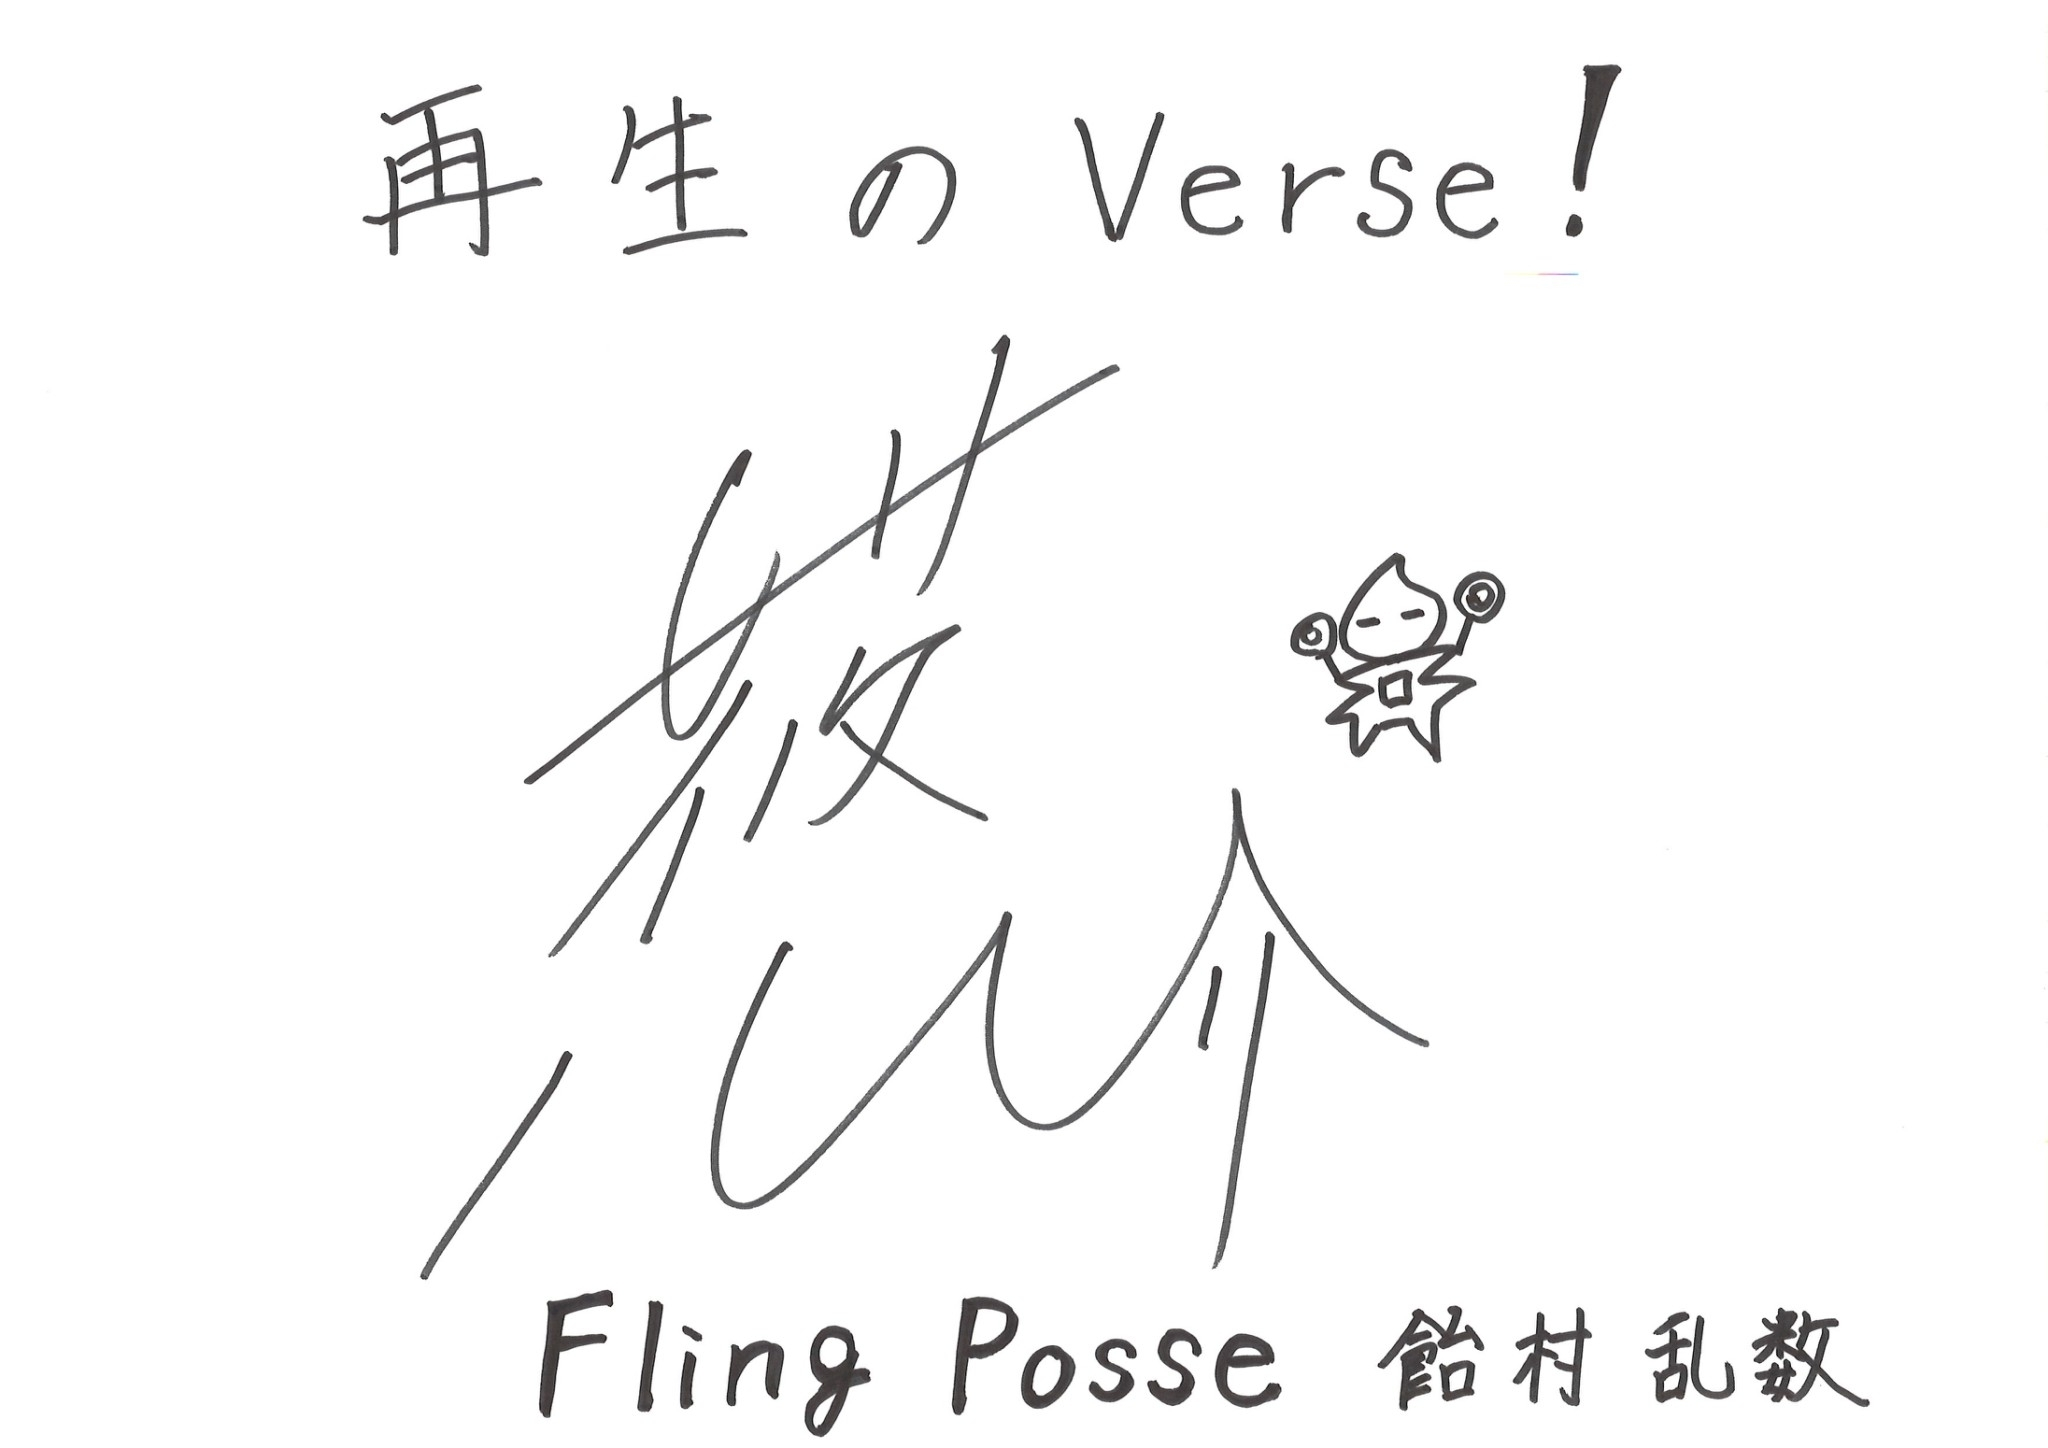 飴村乱数(CV:白井悠介) (C) King Record Co., Ltd. All rights reserved.